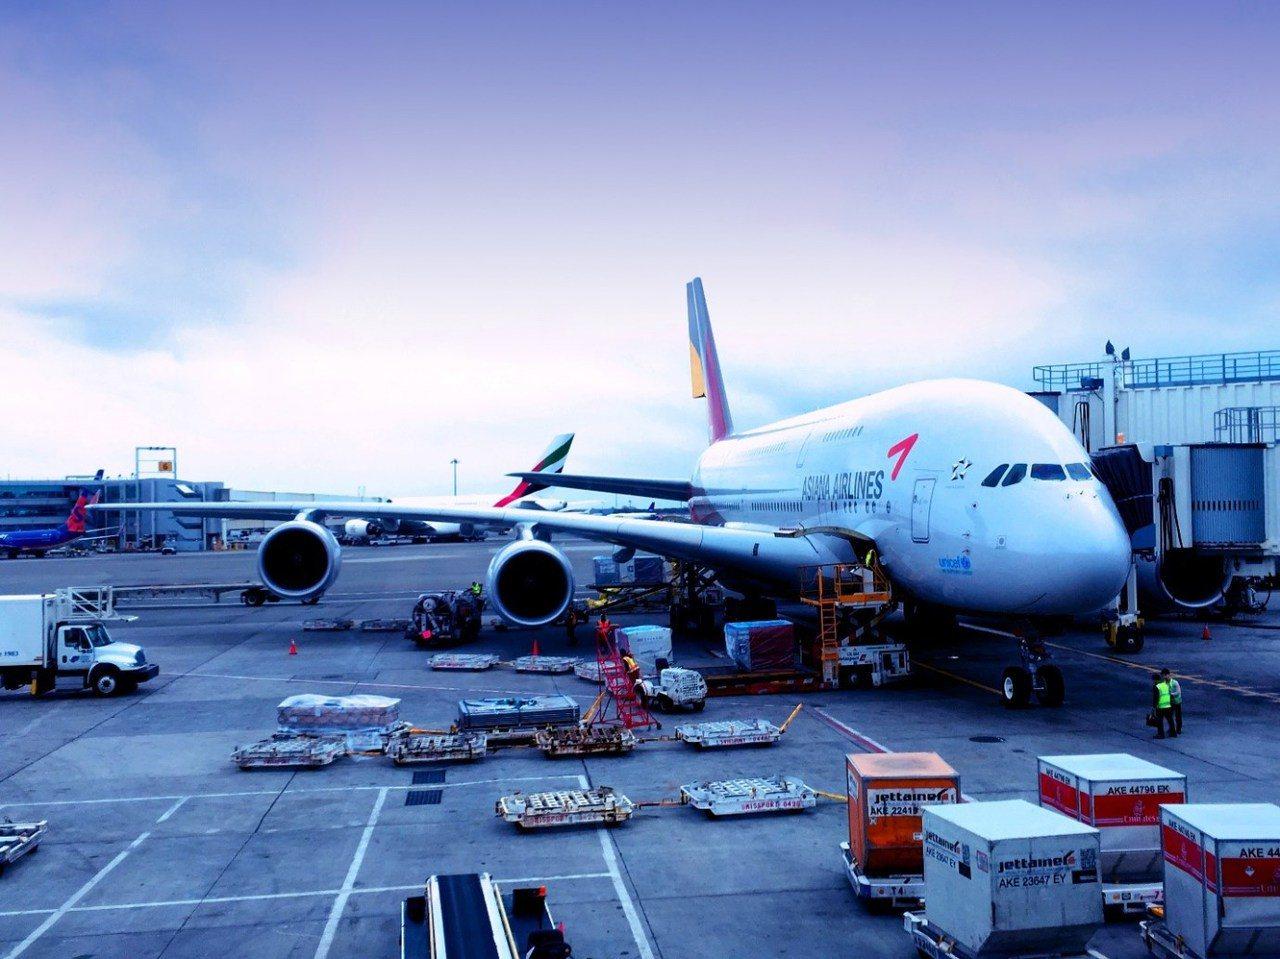 韓亞航空的OZ 221航班,由Airbus A380-800機型執飛,緩緩停靠在...